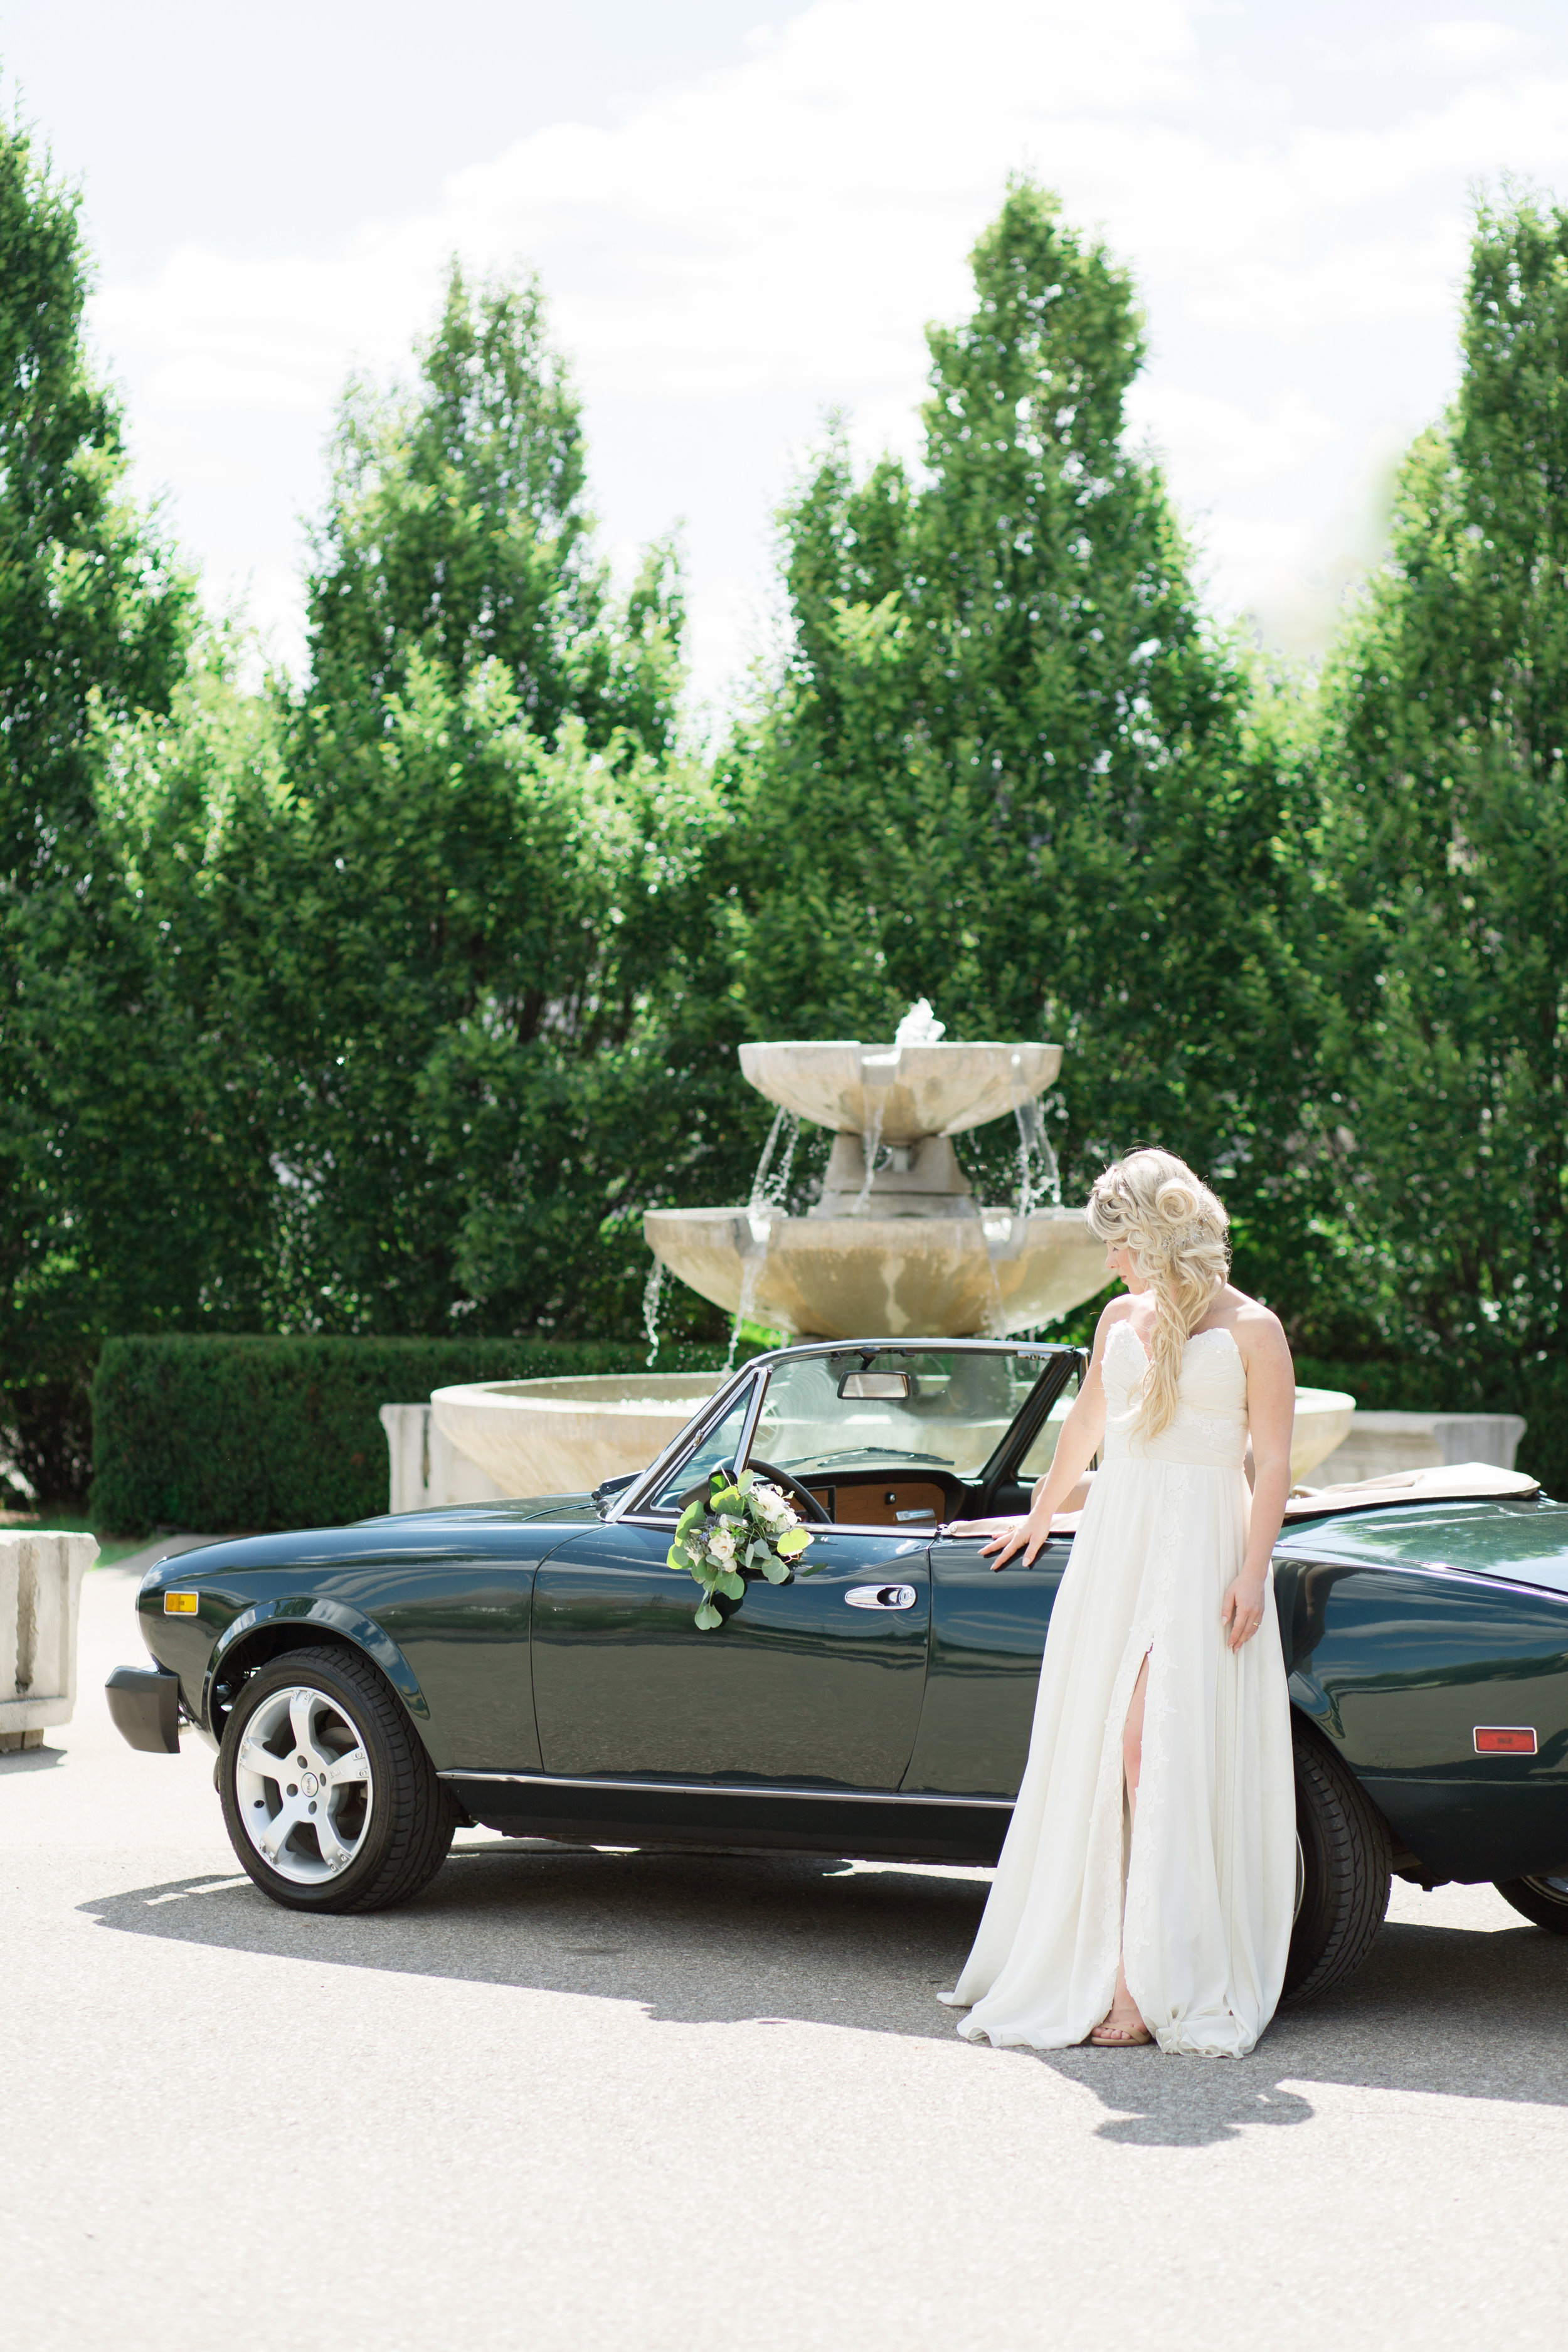 ALEXANDRADELBELLOPHOTOGRAPHY-WEDDING-ONTARIOWEDDINGPHOTOGRAPHER-KITCHENERWEDDING-HACIENDASARRIA.jpg